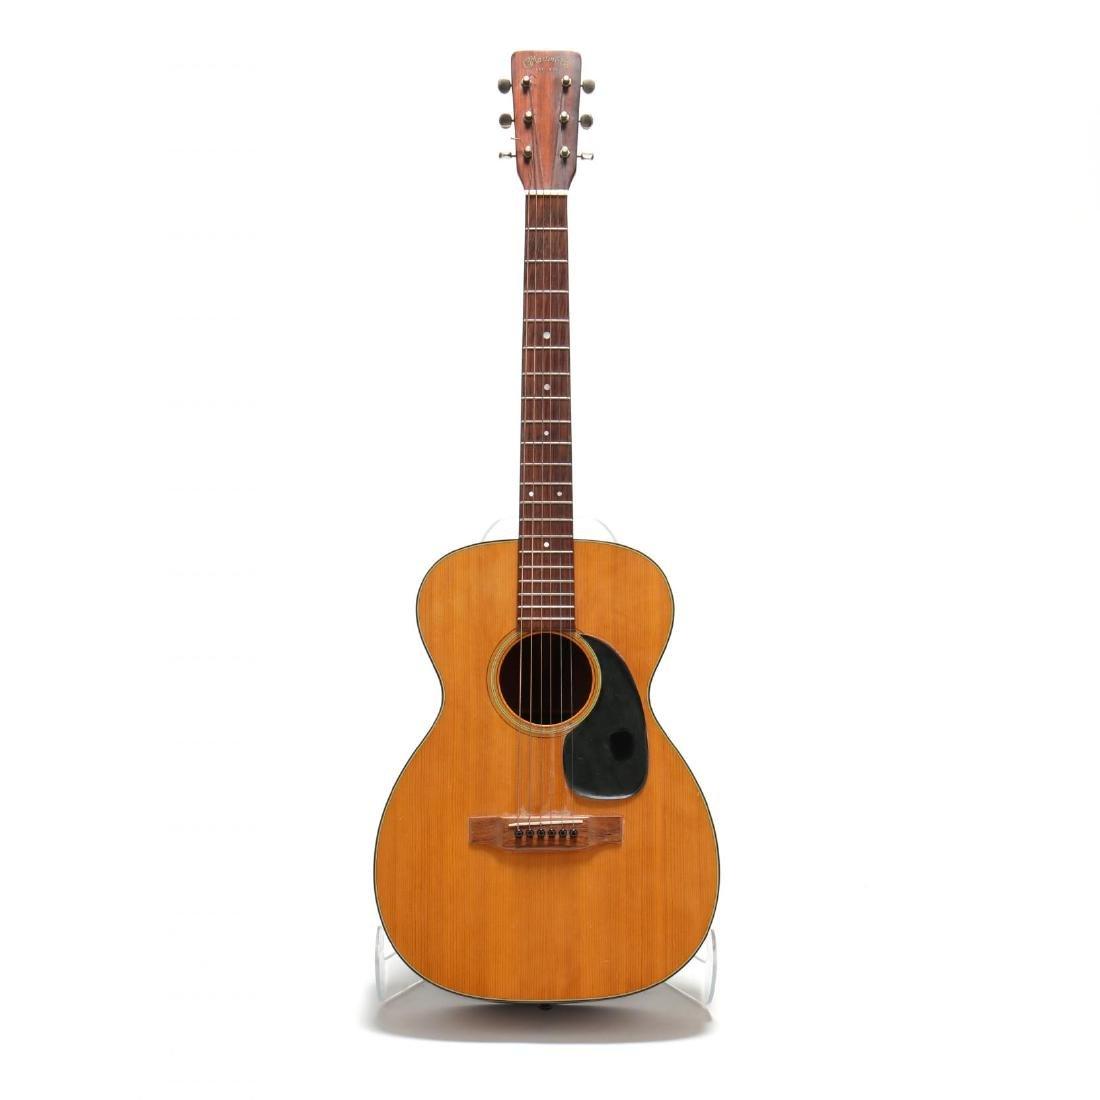 1967 Martin O-18 Flat Top Guitar